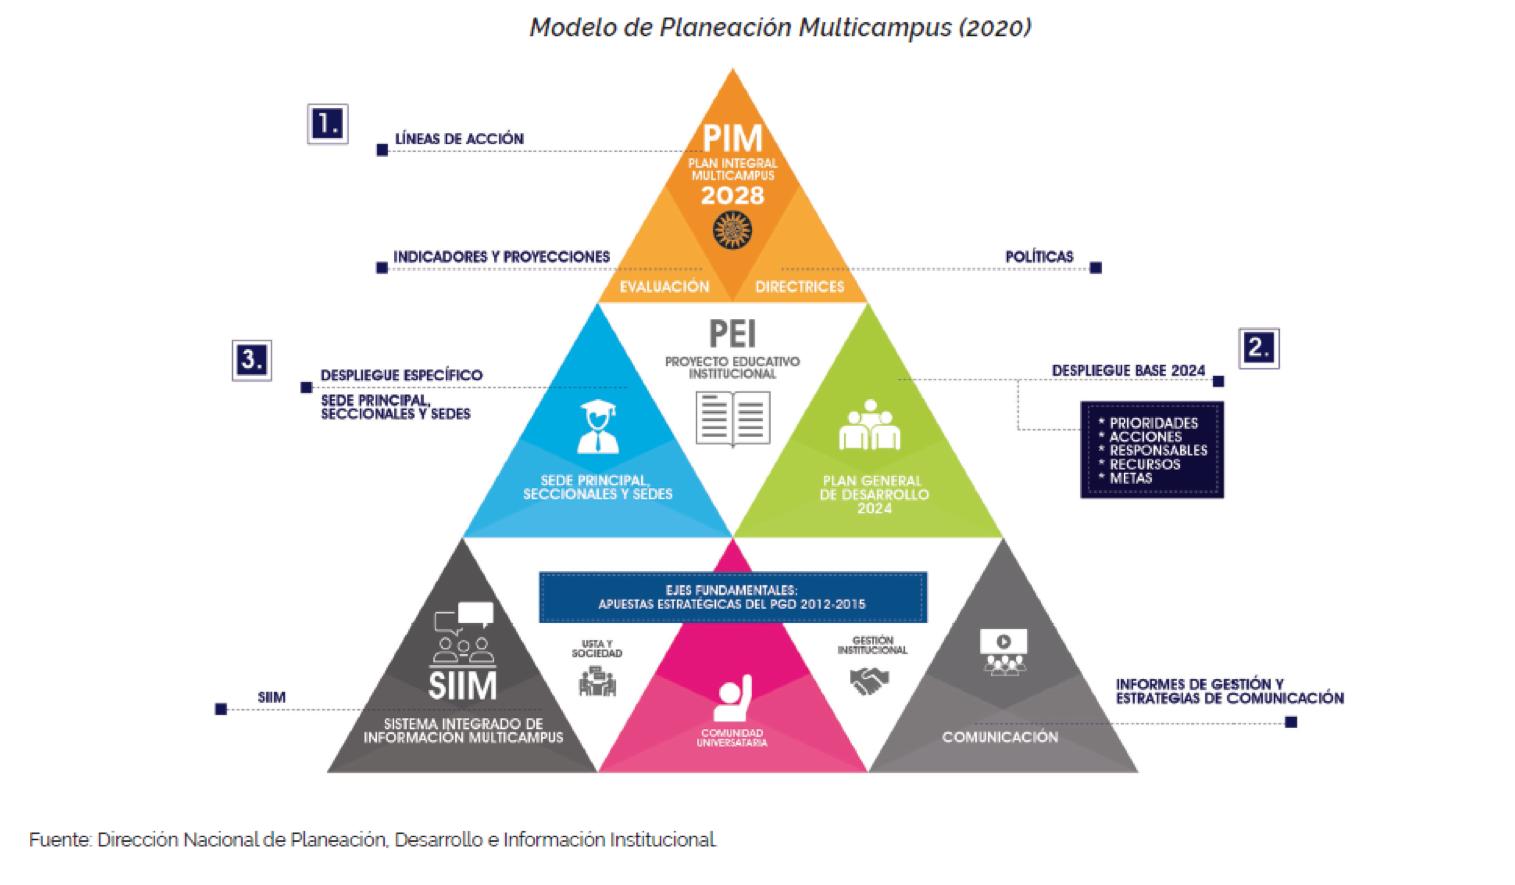 Modelo_Planeacion_Multicampus